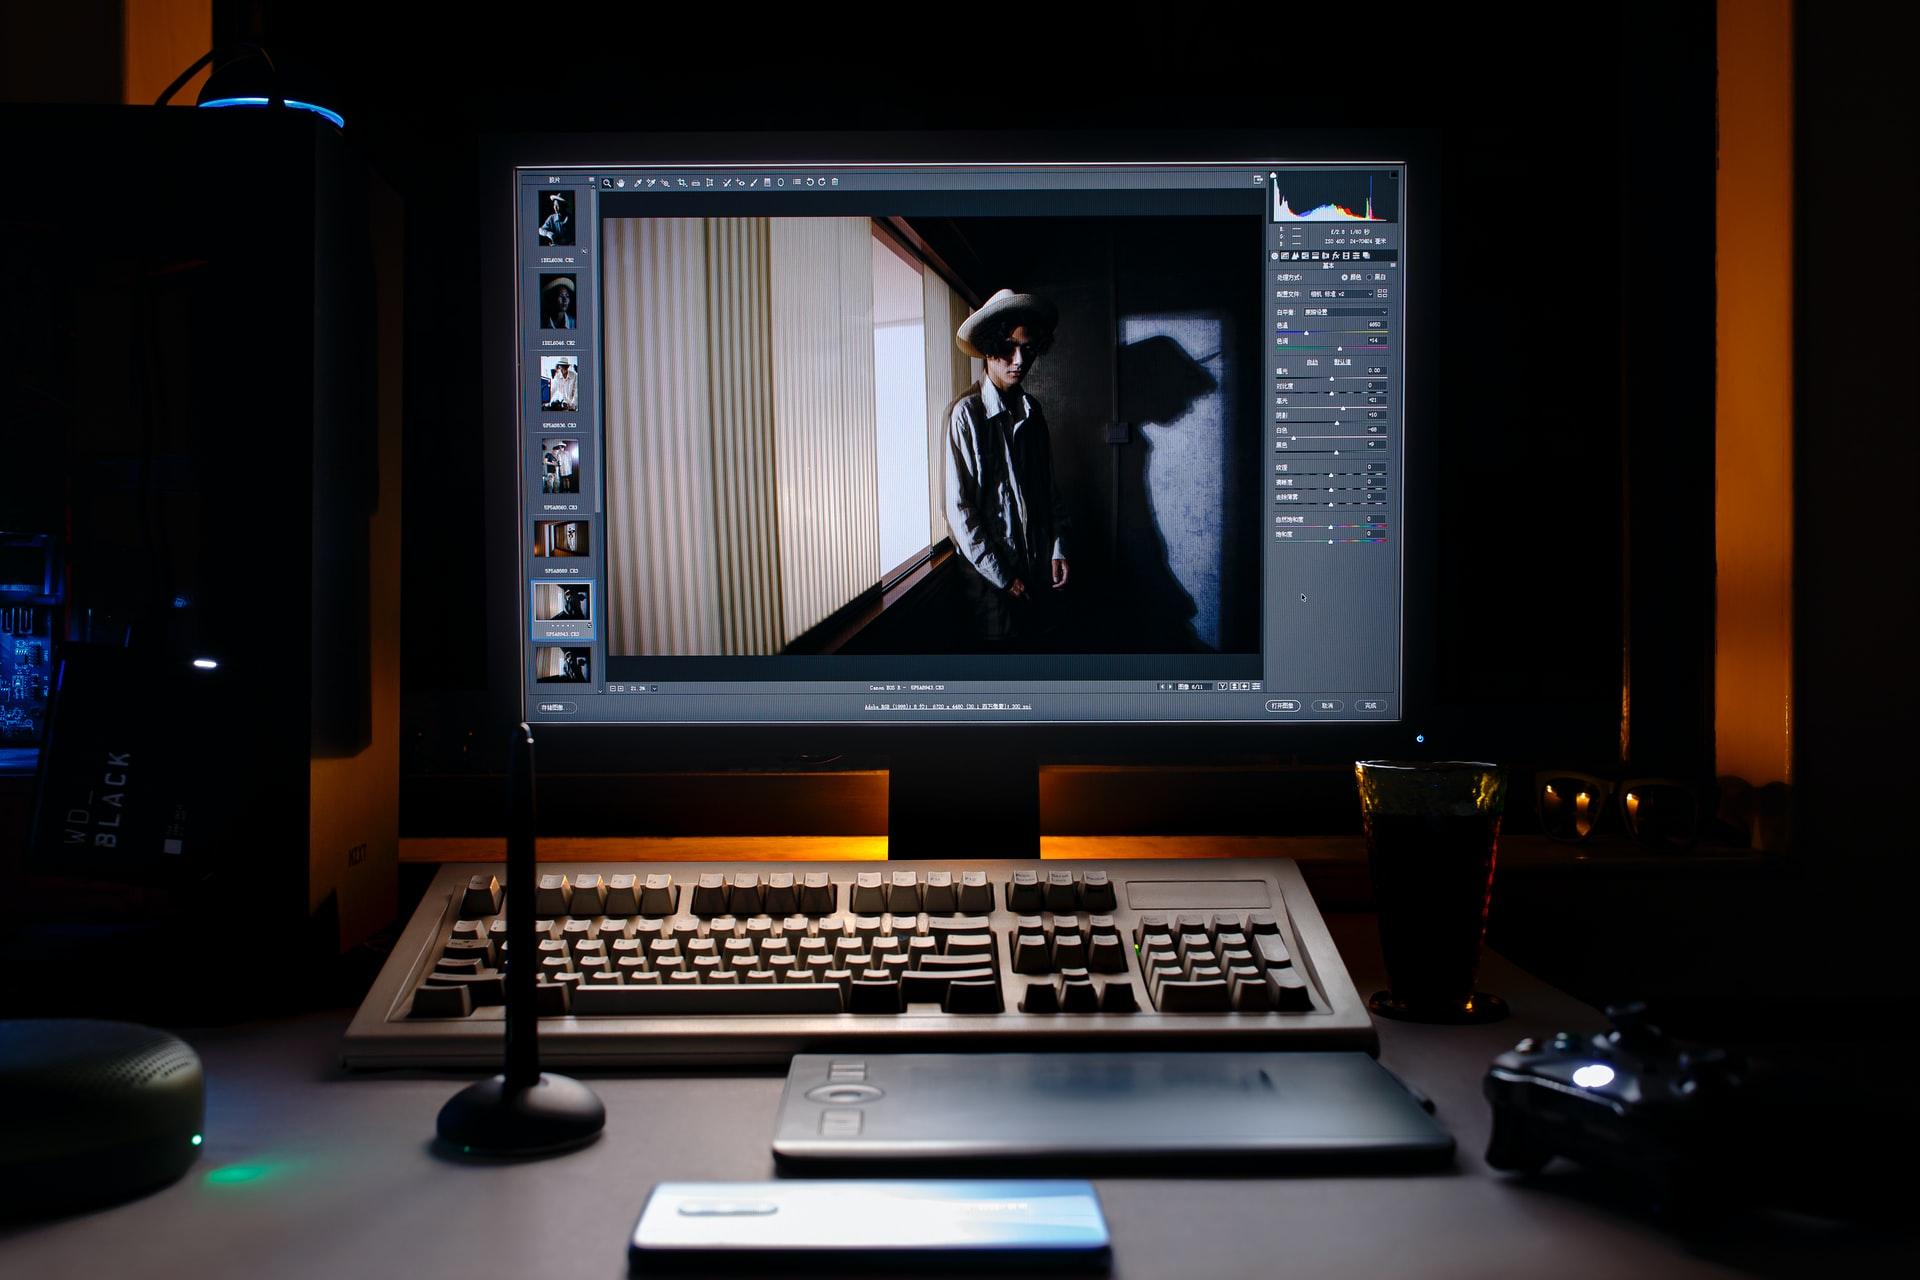 Premiere Proでカラーグレーディングするには?LUT、Lookの利用法を紹介!